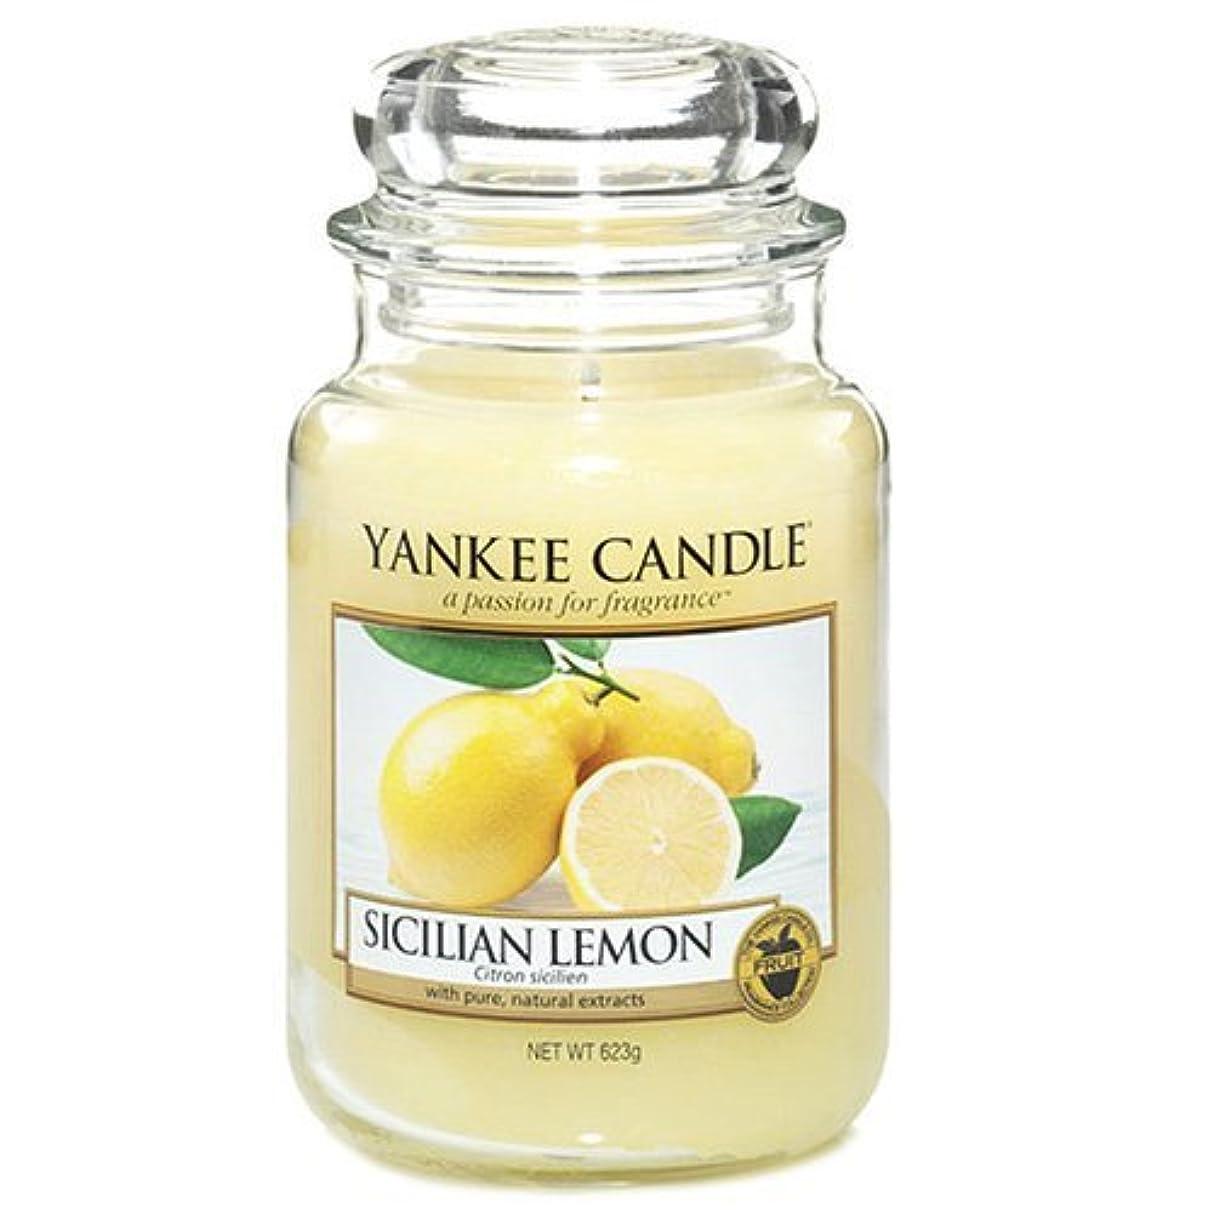 ブーム引っ張る賞Yankee Candle Large Jar Candle, Sicilian Lemon by Yankee [並行輸入品]